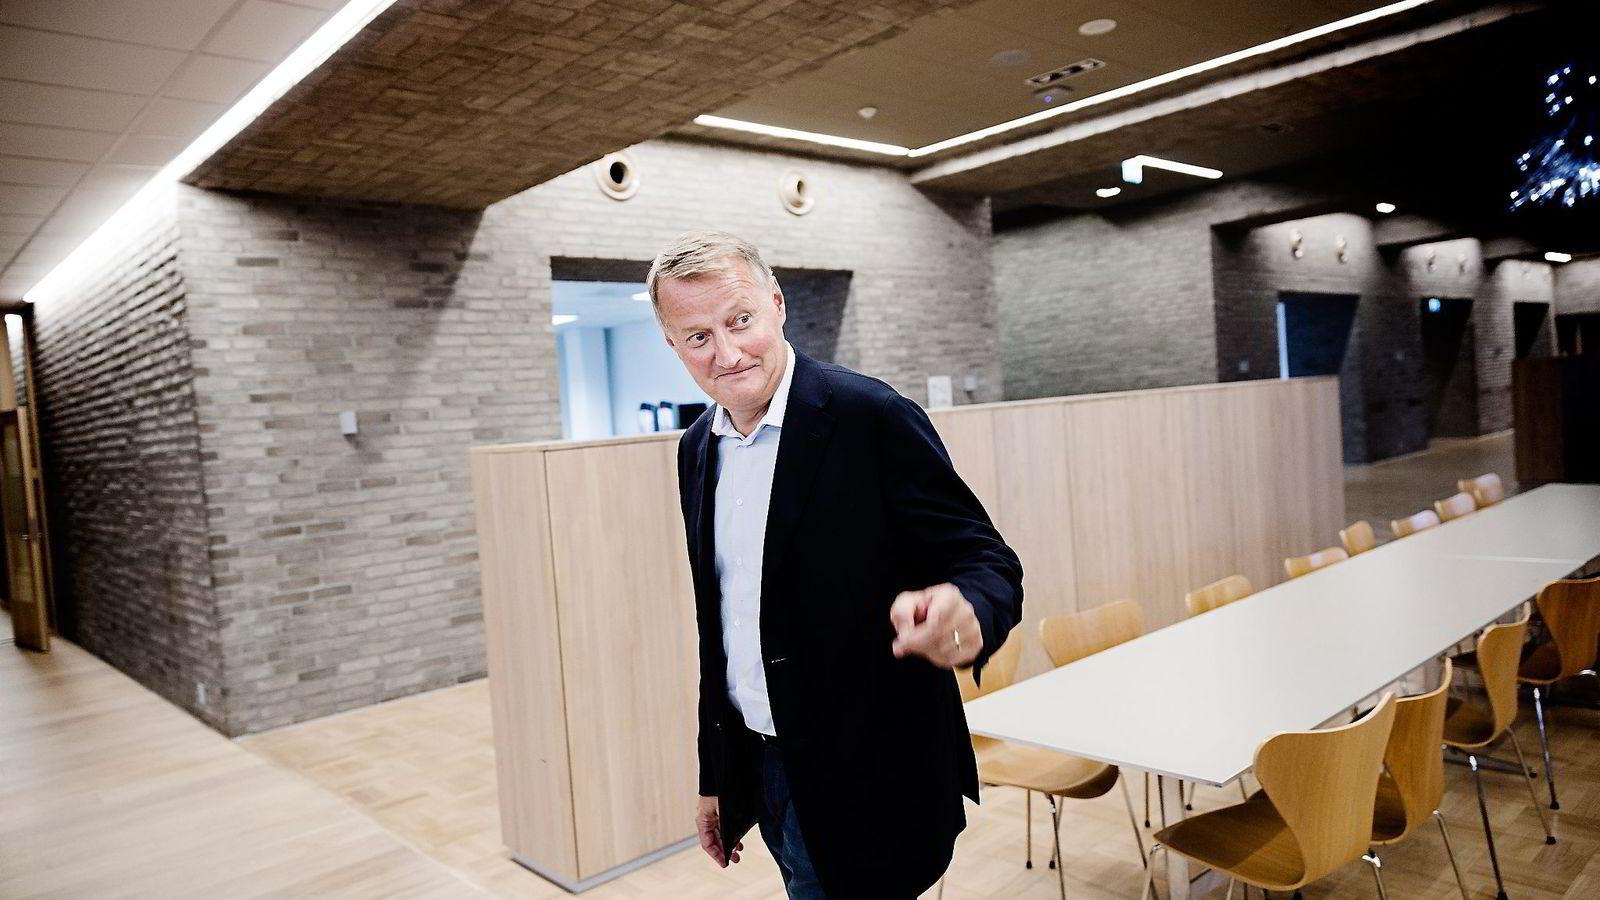 ÅTTE MINUTTER. DnB-sjef Rune Bjerke bruker åtte minutter på hver av kandidatene for å vurdere om han har troen på dem som fremtidige ledere i banken.               Foto: Per Thrana